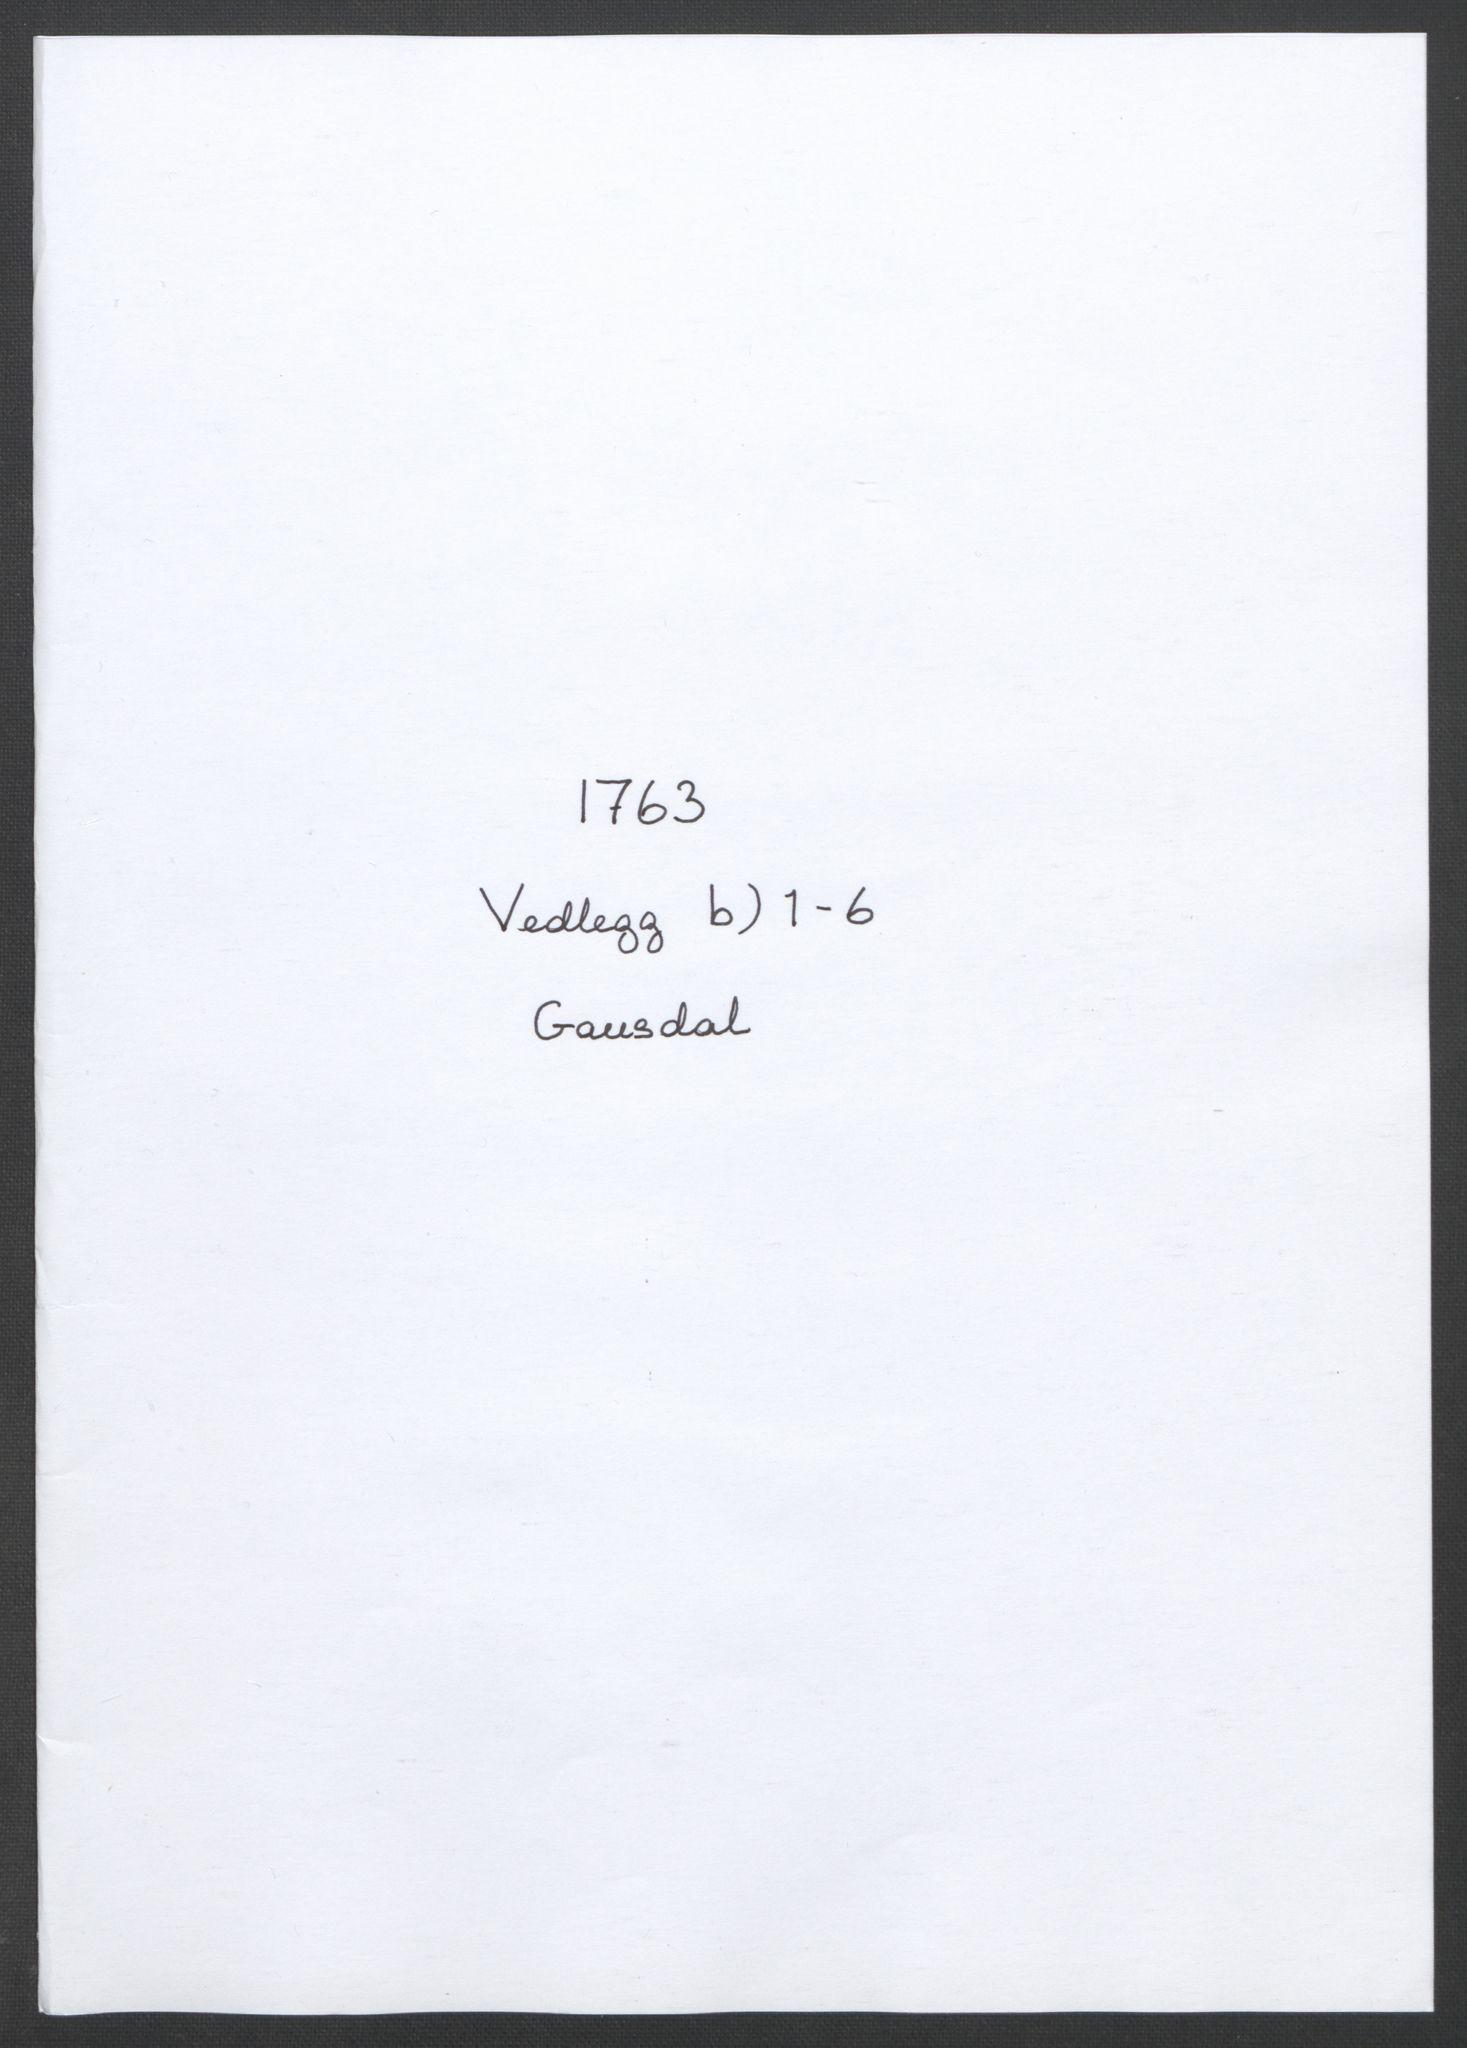 RA, Rentekammeret inntil 1814, Reviderte regnskaper, Fogderegnskap, R17/L1266: Ekstraskatten Gudbrandsdal, 1762-1766, s. 125